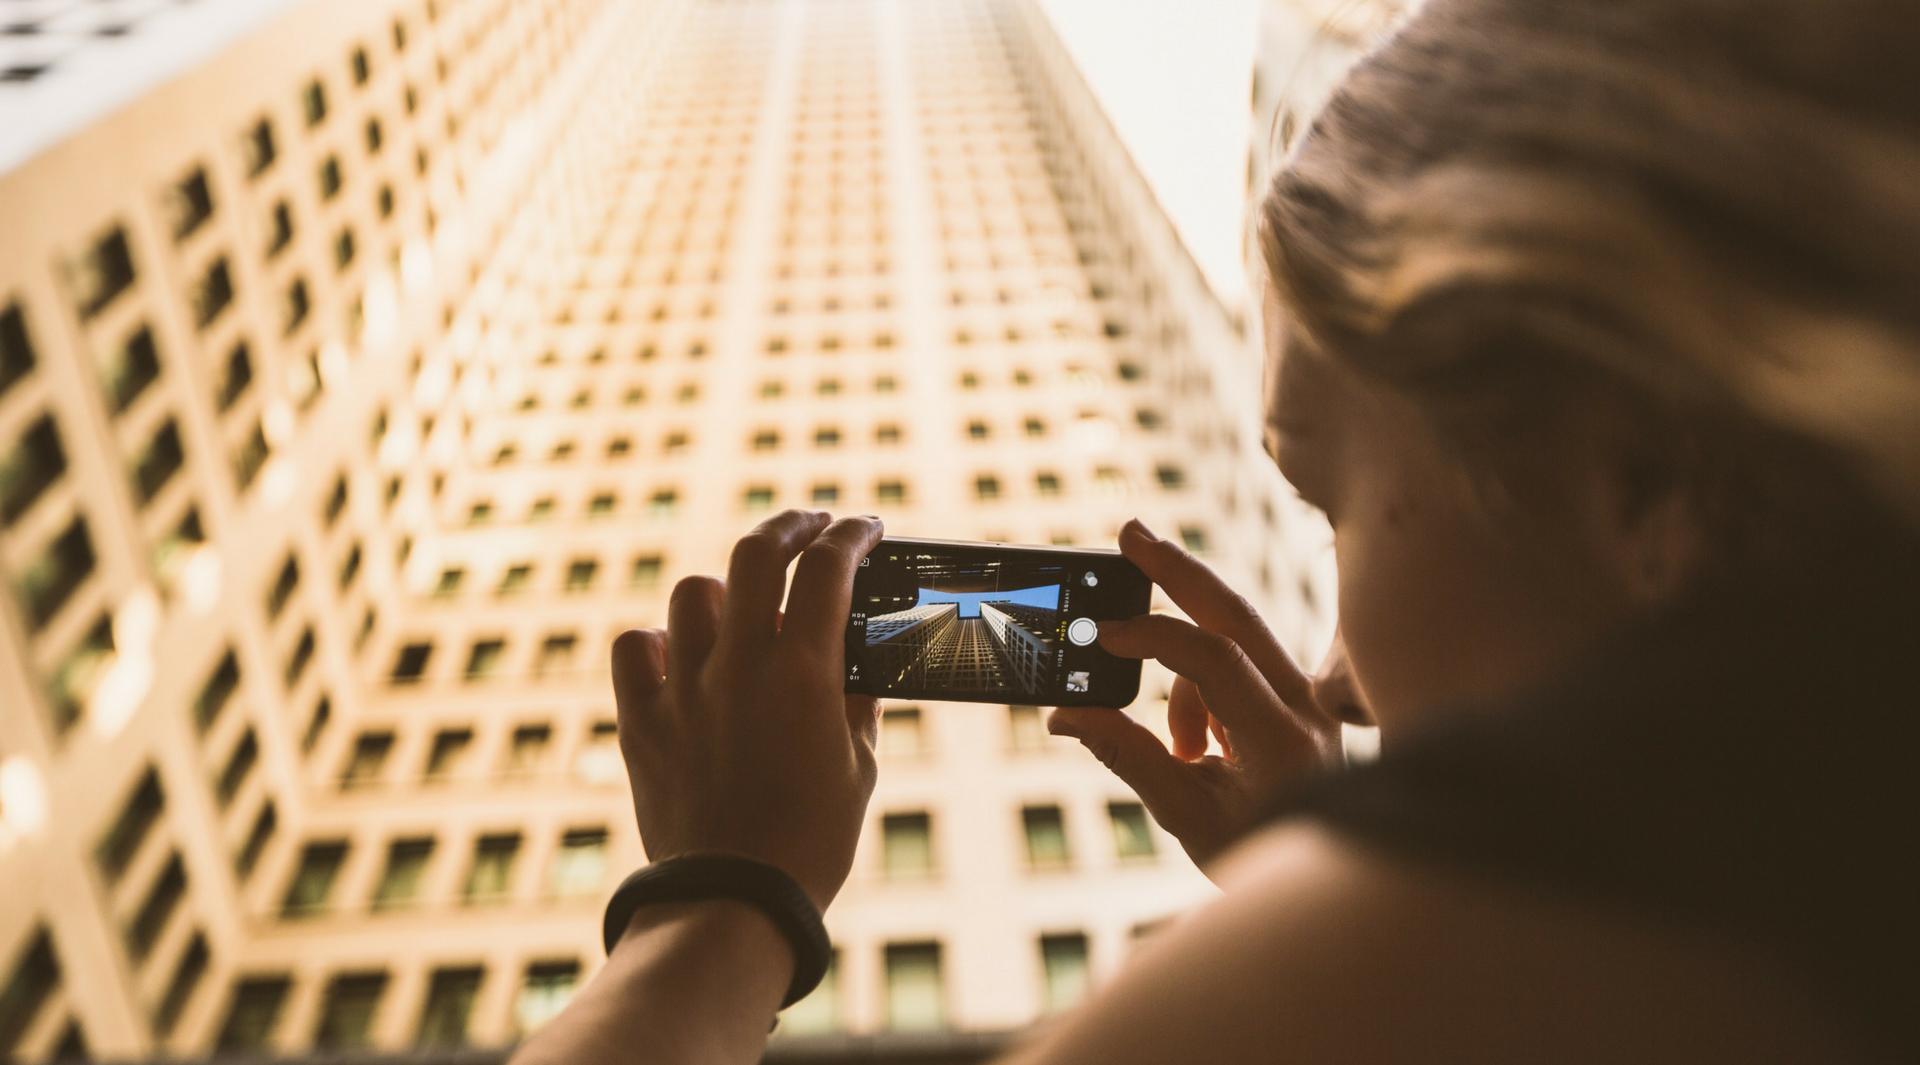 https://bizmujer.com/13-tips-para-promocionar-tu-negocio-en-instagram/